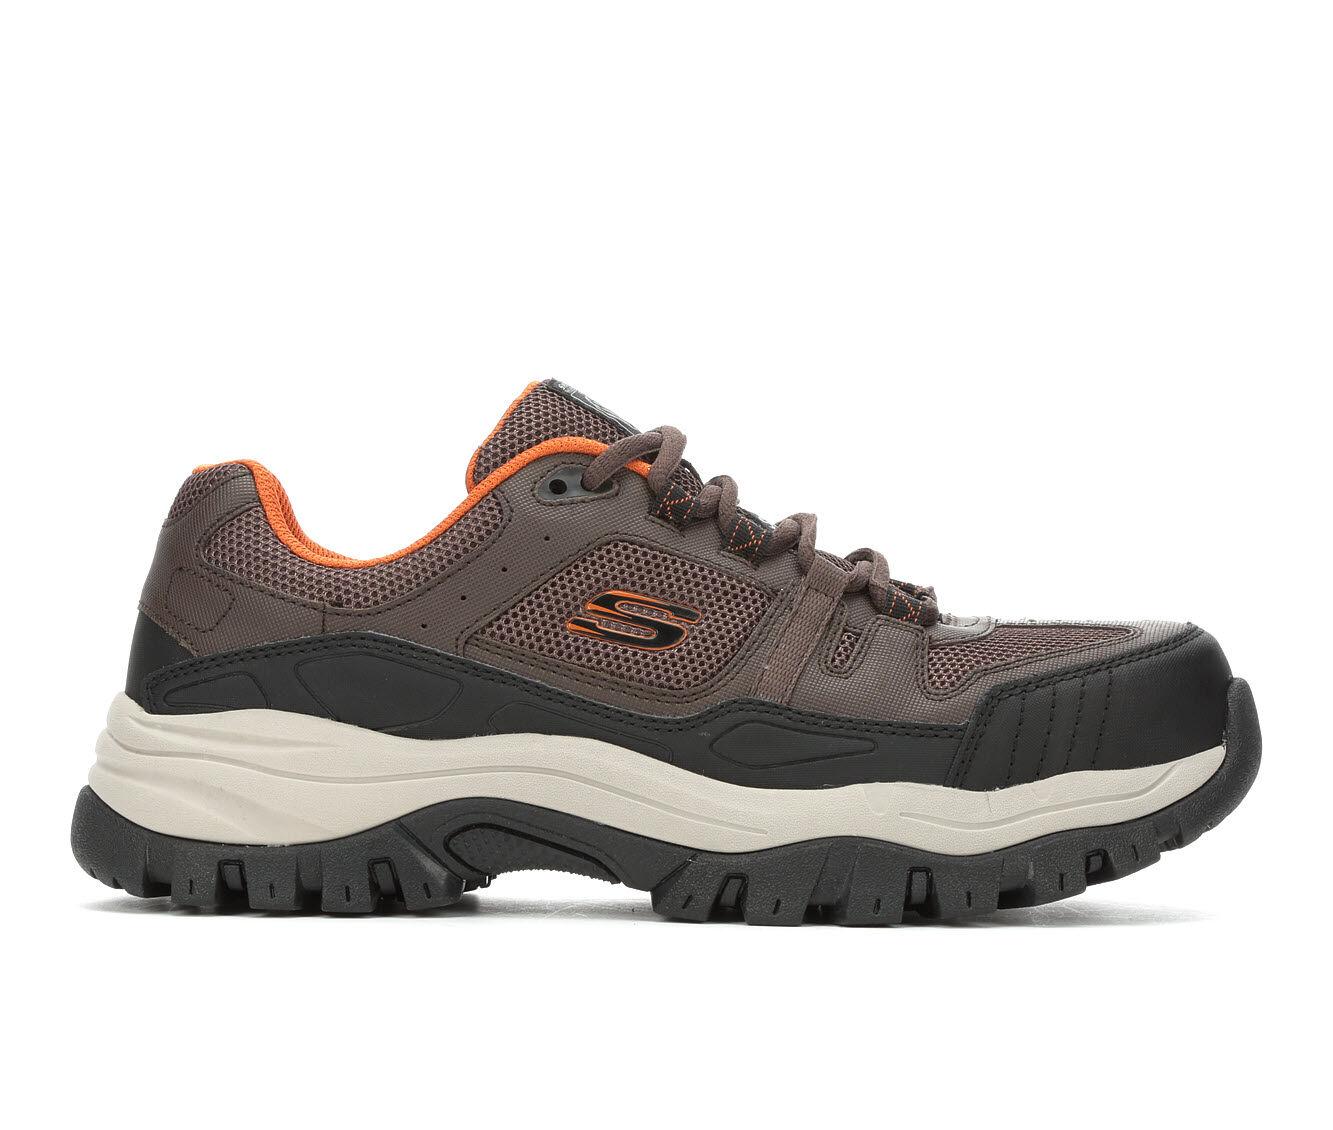 Men's Skechers Work Kerkade Steel Toe Waterproof 77505 Work Shoes Brown/Orange